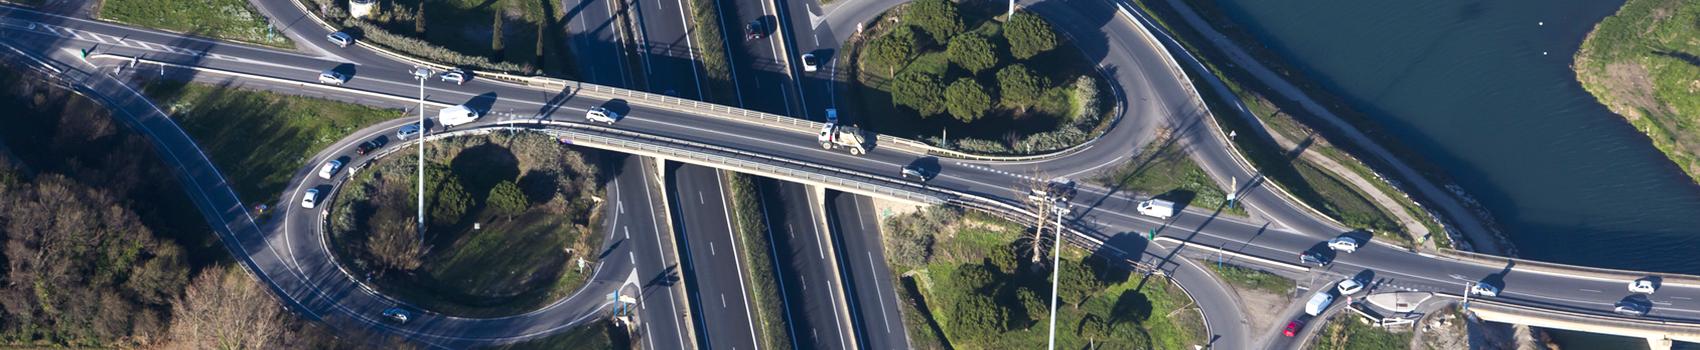 sce-domaine-routes-et-autoroutes_1_1700x350